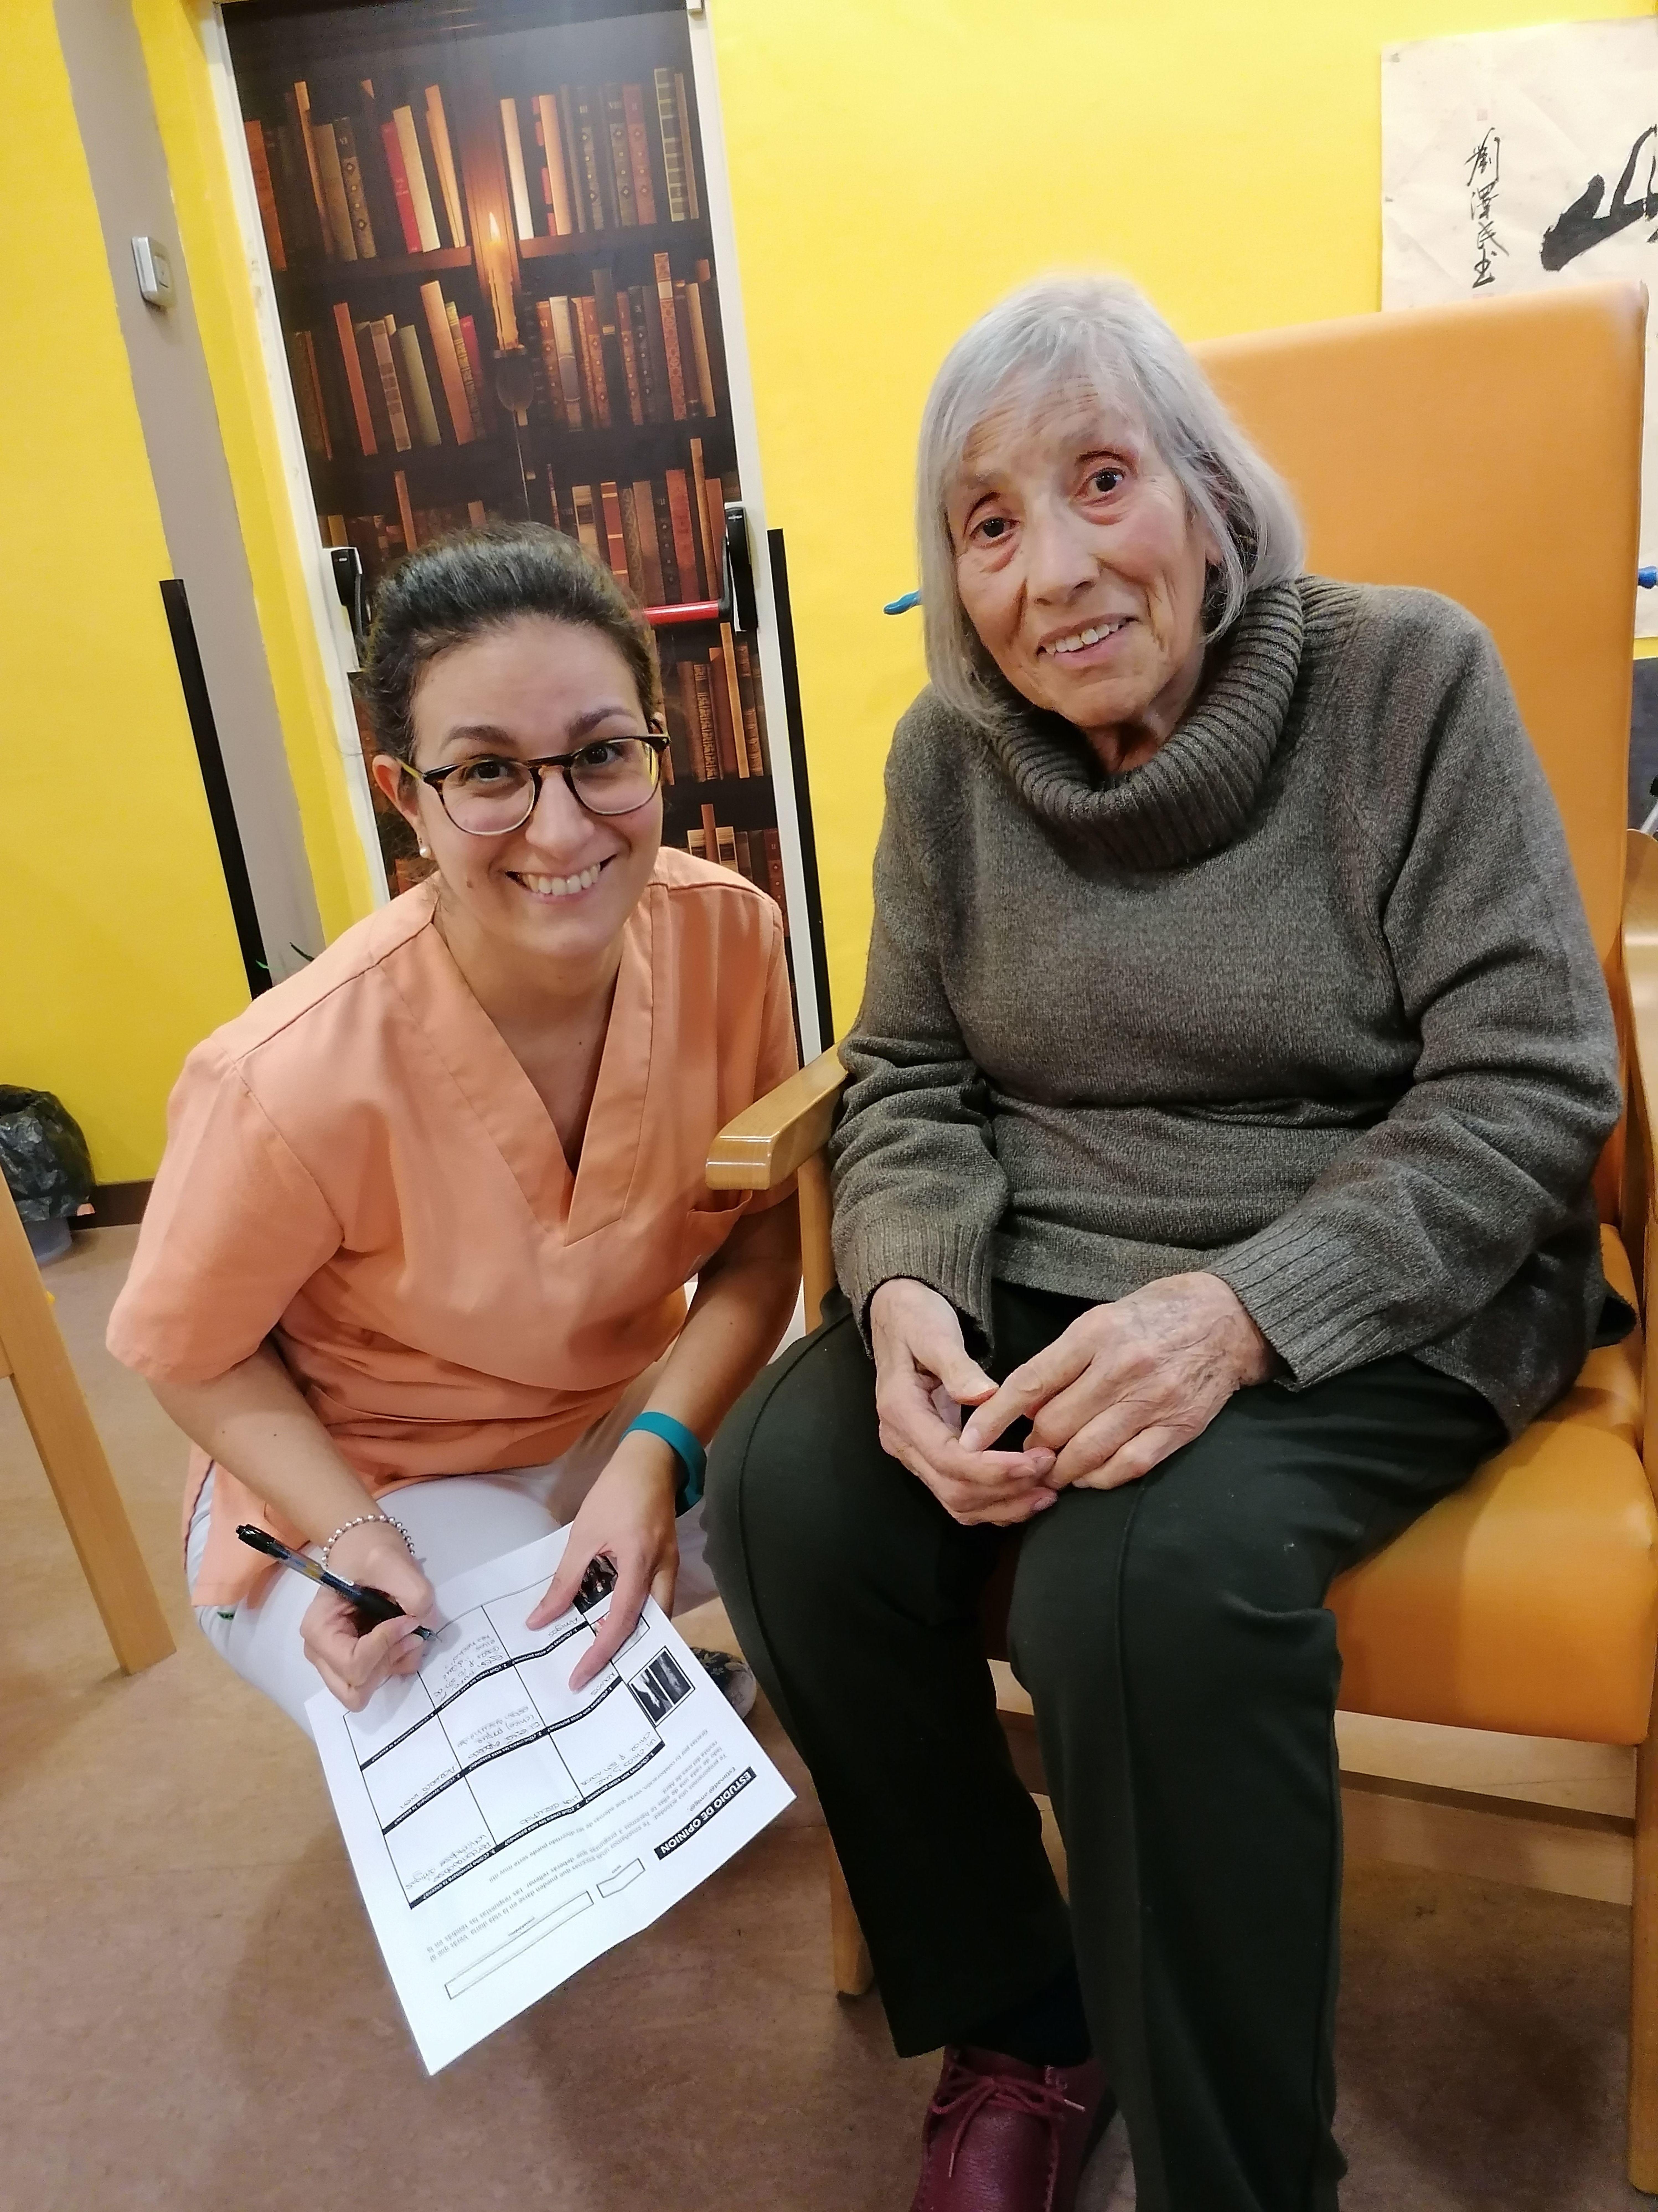 Estimulación cognitiva mayores Eixample (Barcelona)